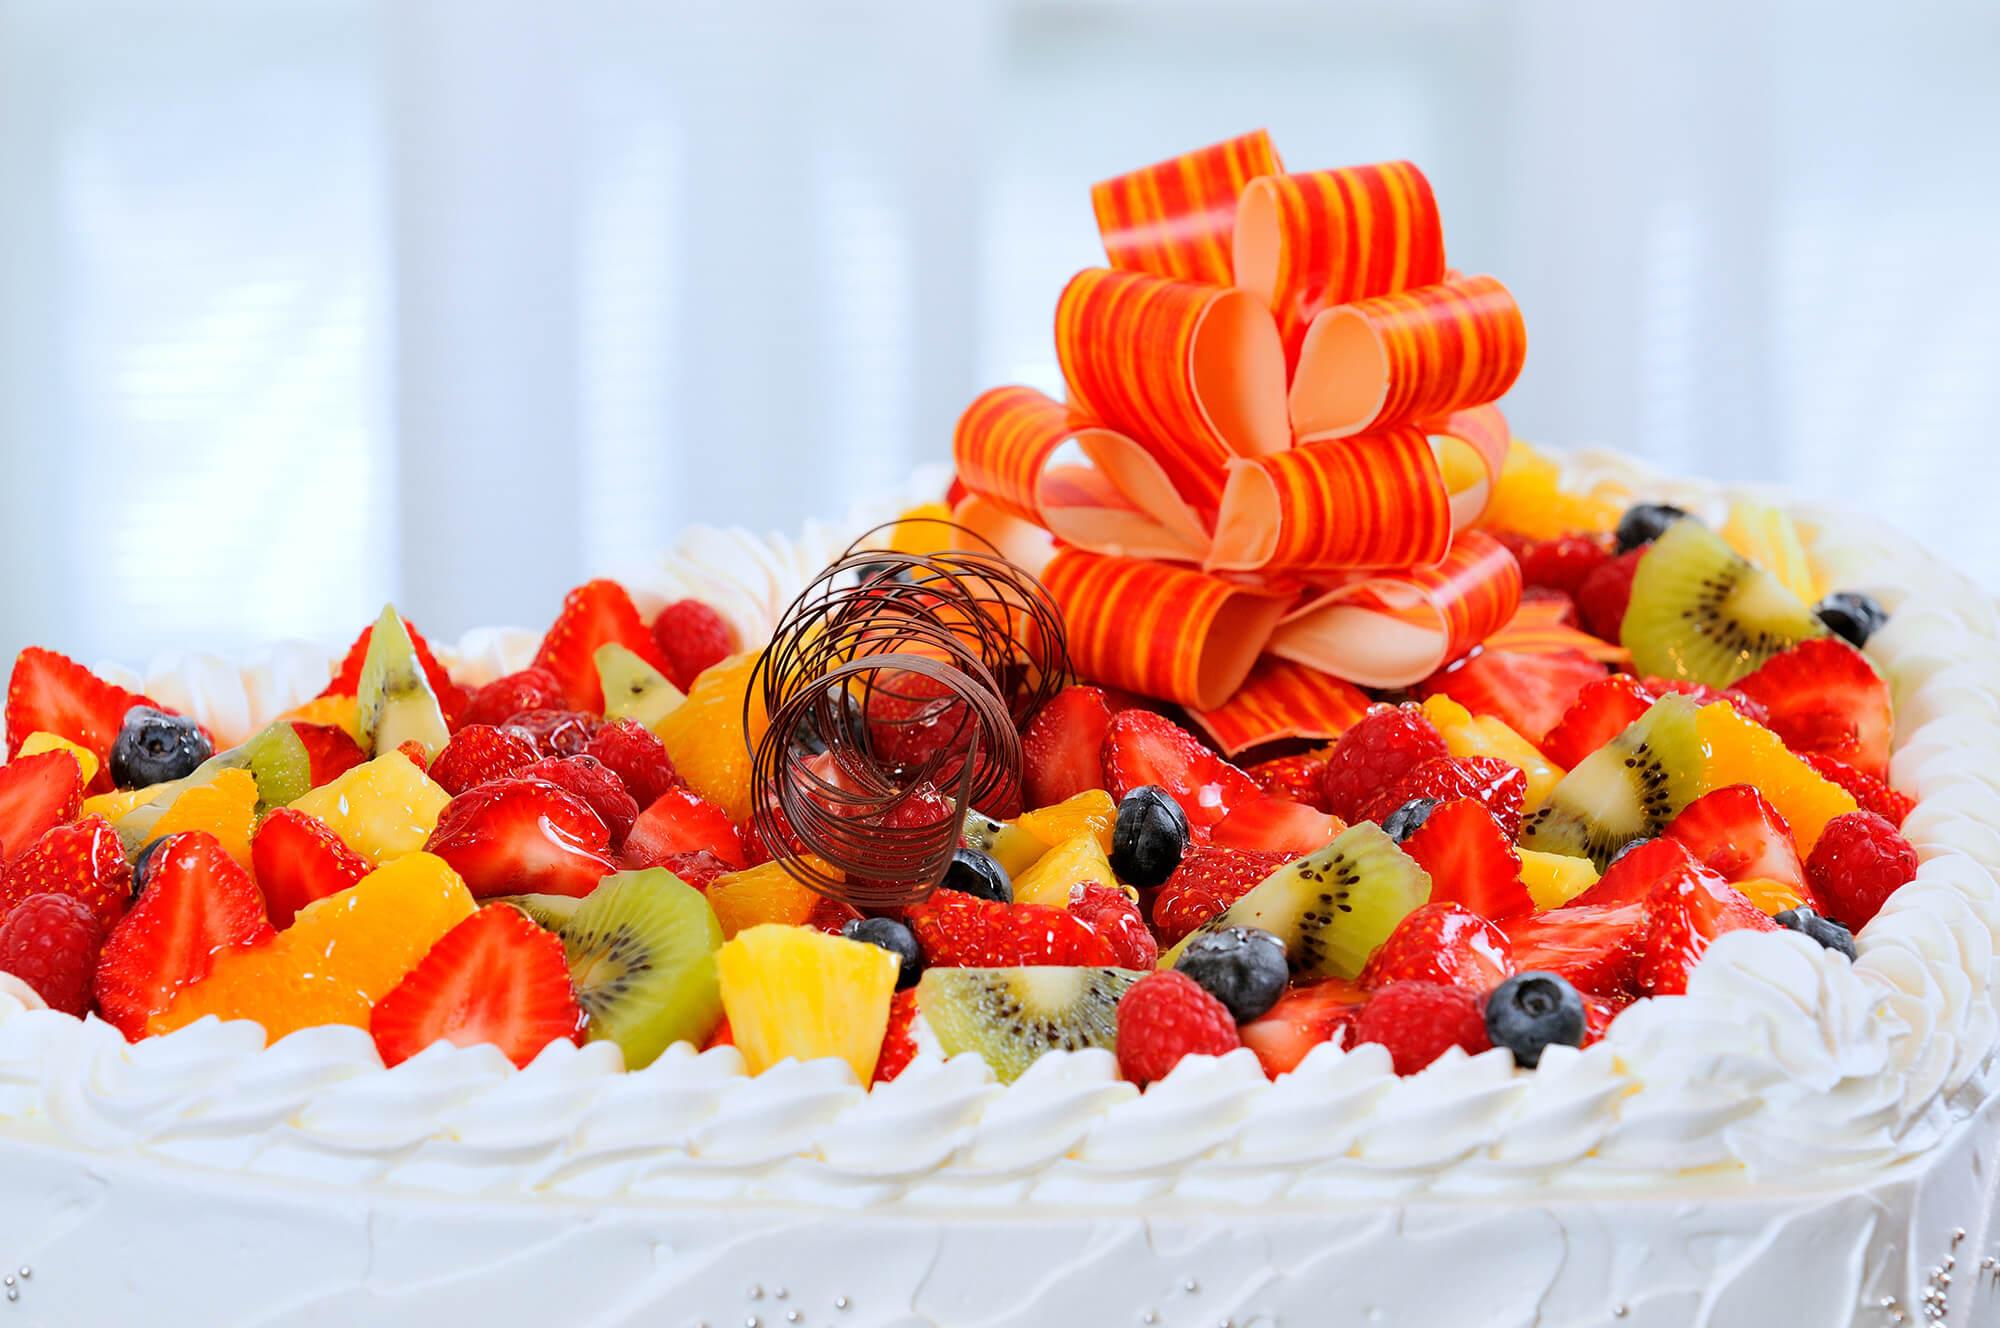 ケーキ・ドリンク<br />Cake & Drink